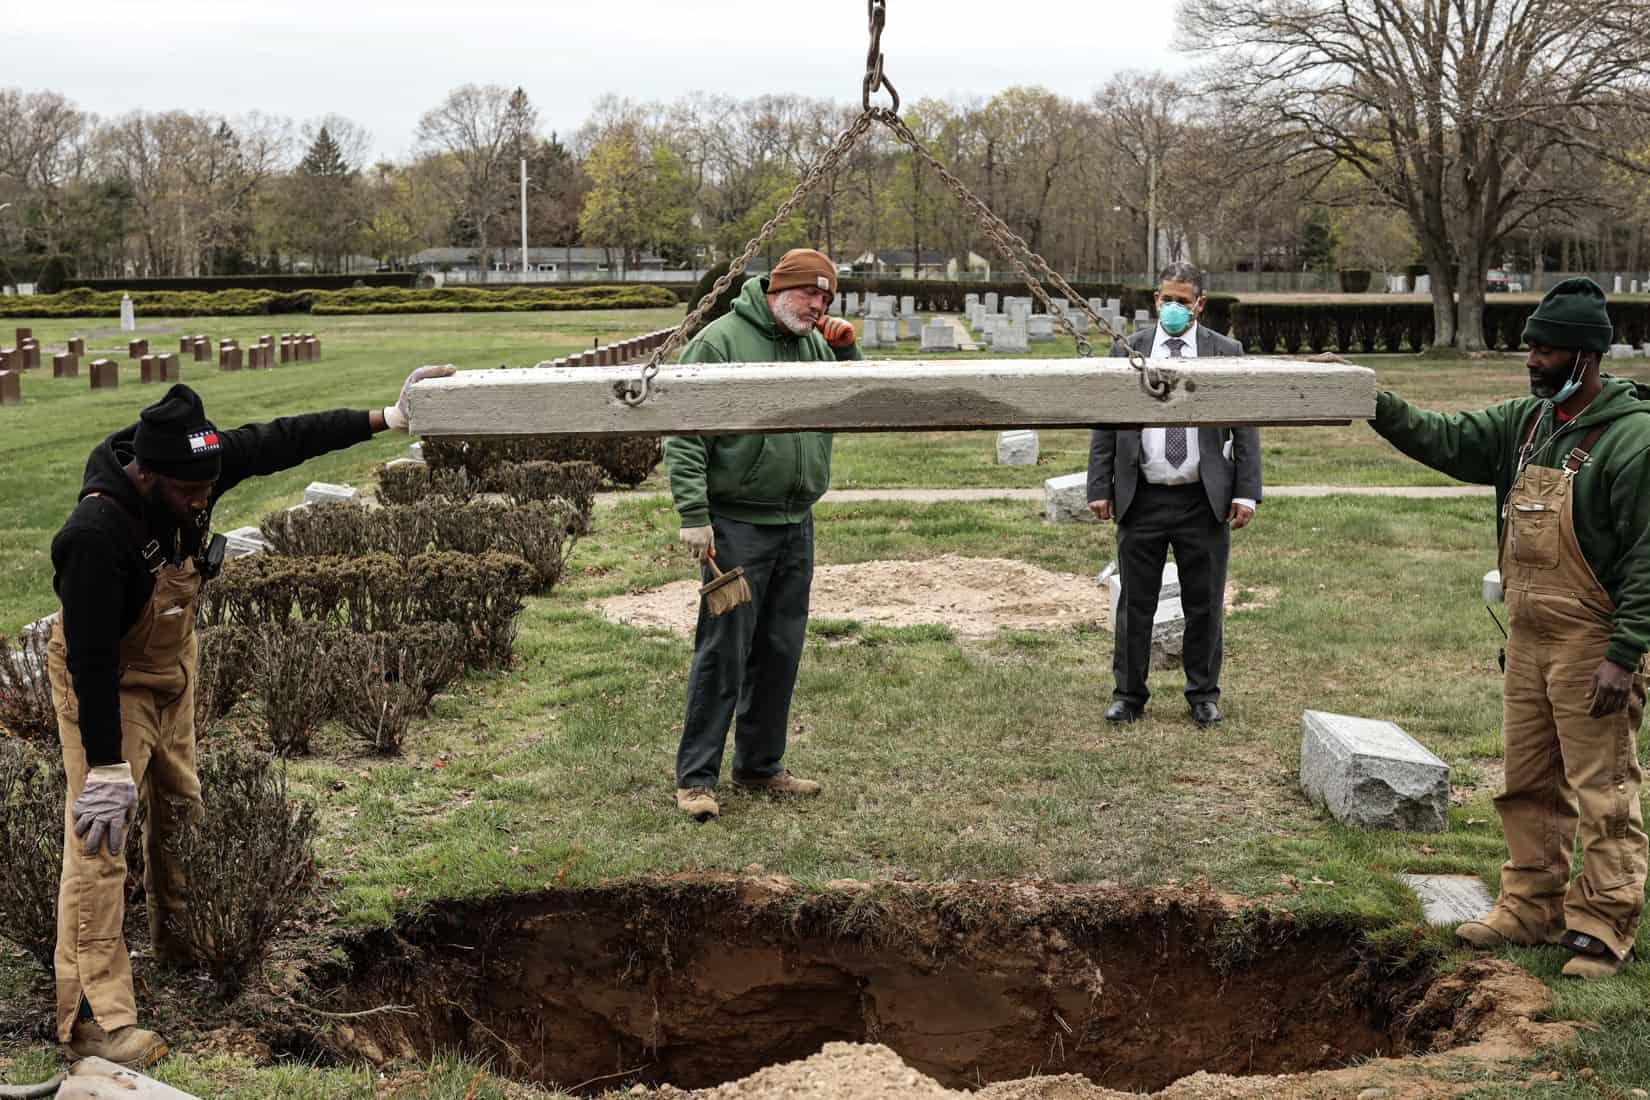 קבורת קורבן קורונה בבית הקברות וושינגטון ממוריאל פארק. מאי, 2020 (צילום: Jonathan Alpeyrie/Polaris Images)